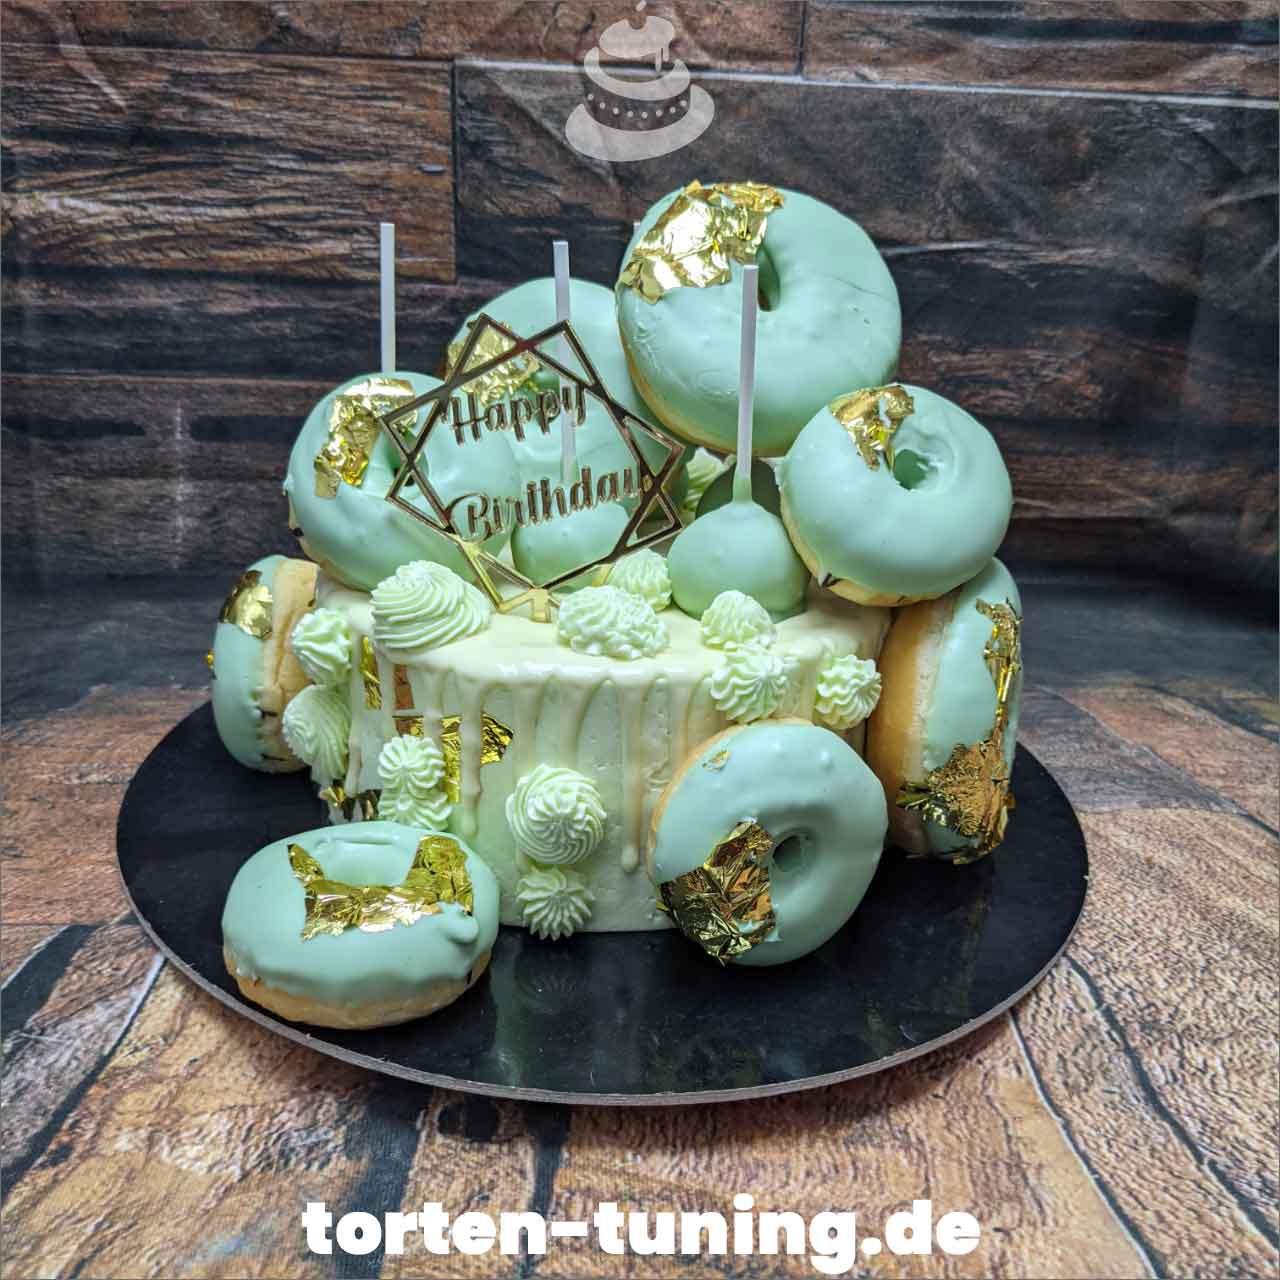 Donuts Mintgrün blattgold Dripcake Obsttorte Geburtstagstorte Motivtorte Torte Tortendekoration Torte online bestellen Suhl Thüringen Torten Tuning Sahnetorte Tortenfiguren Cake Topper